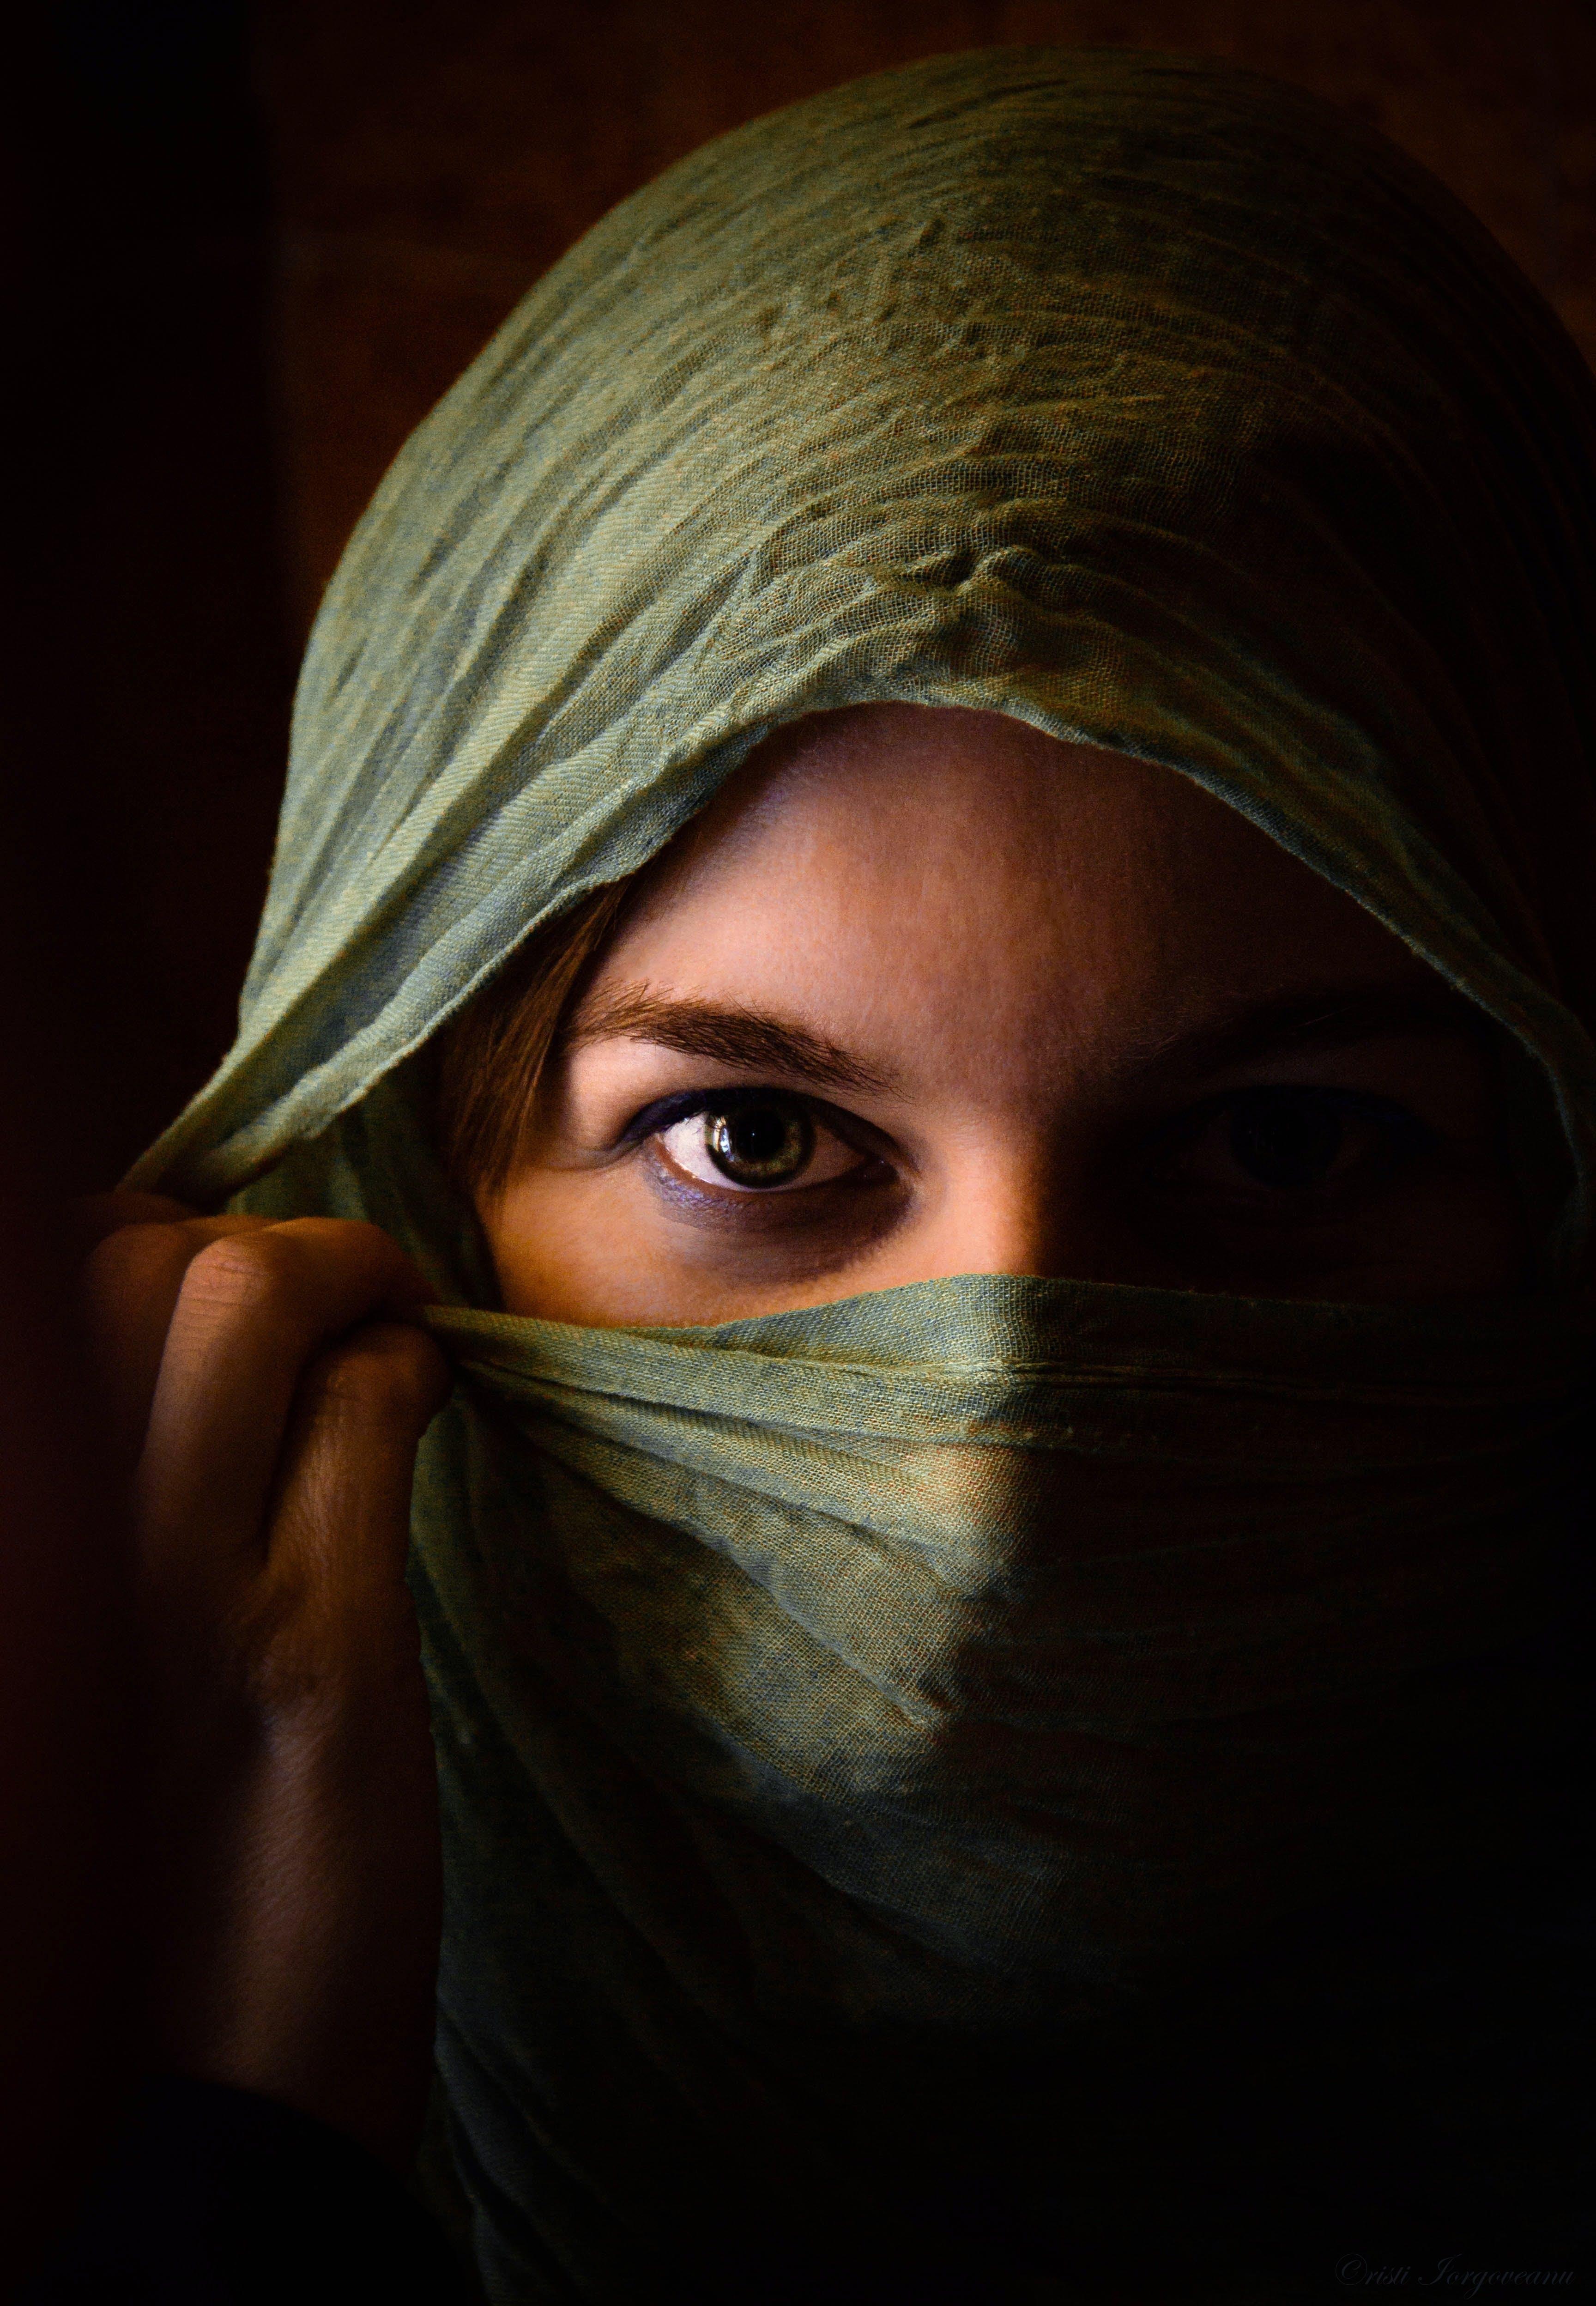 Immagine gratuita di donna, occhio, sciarpa, scuro